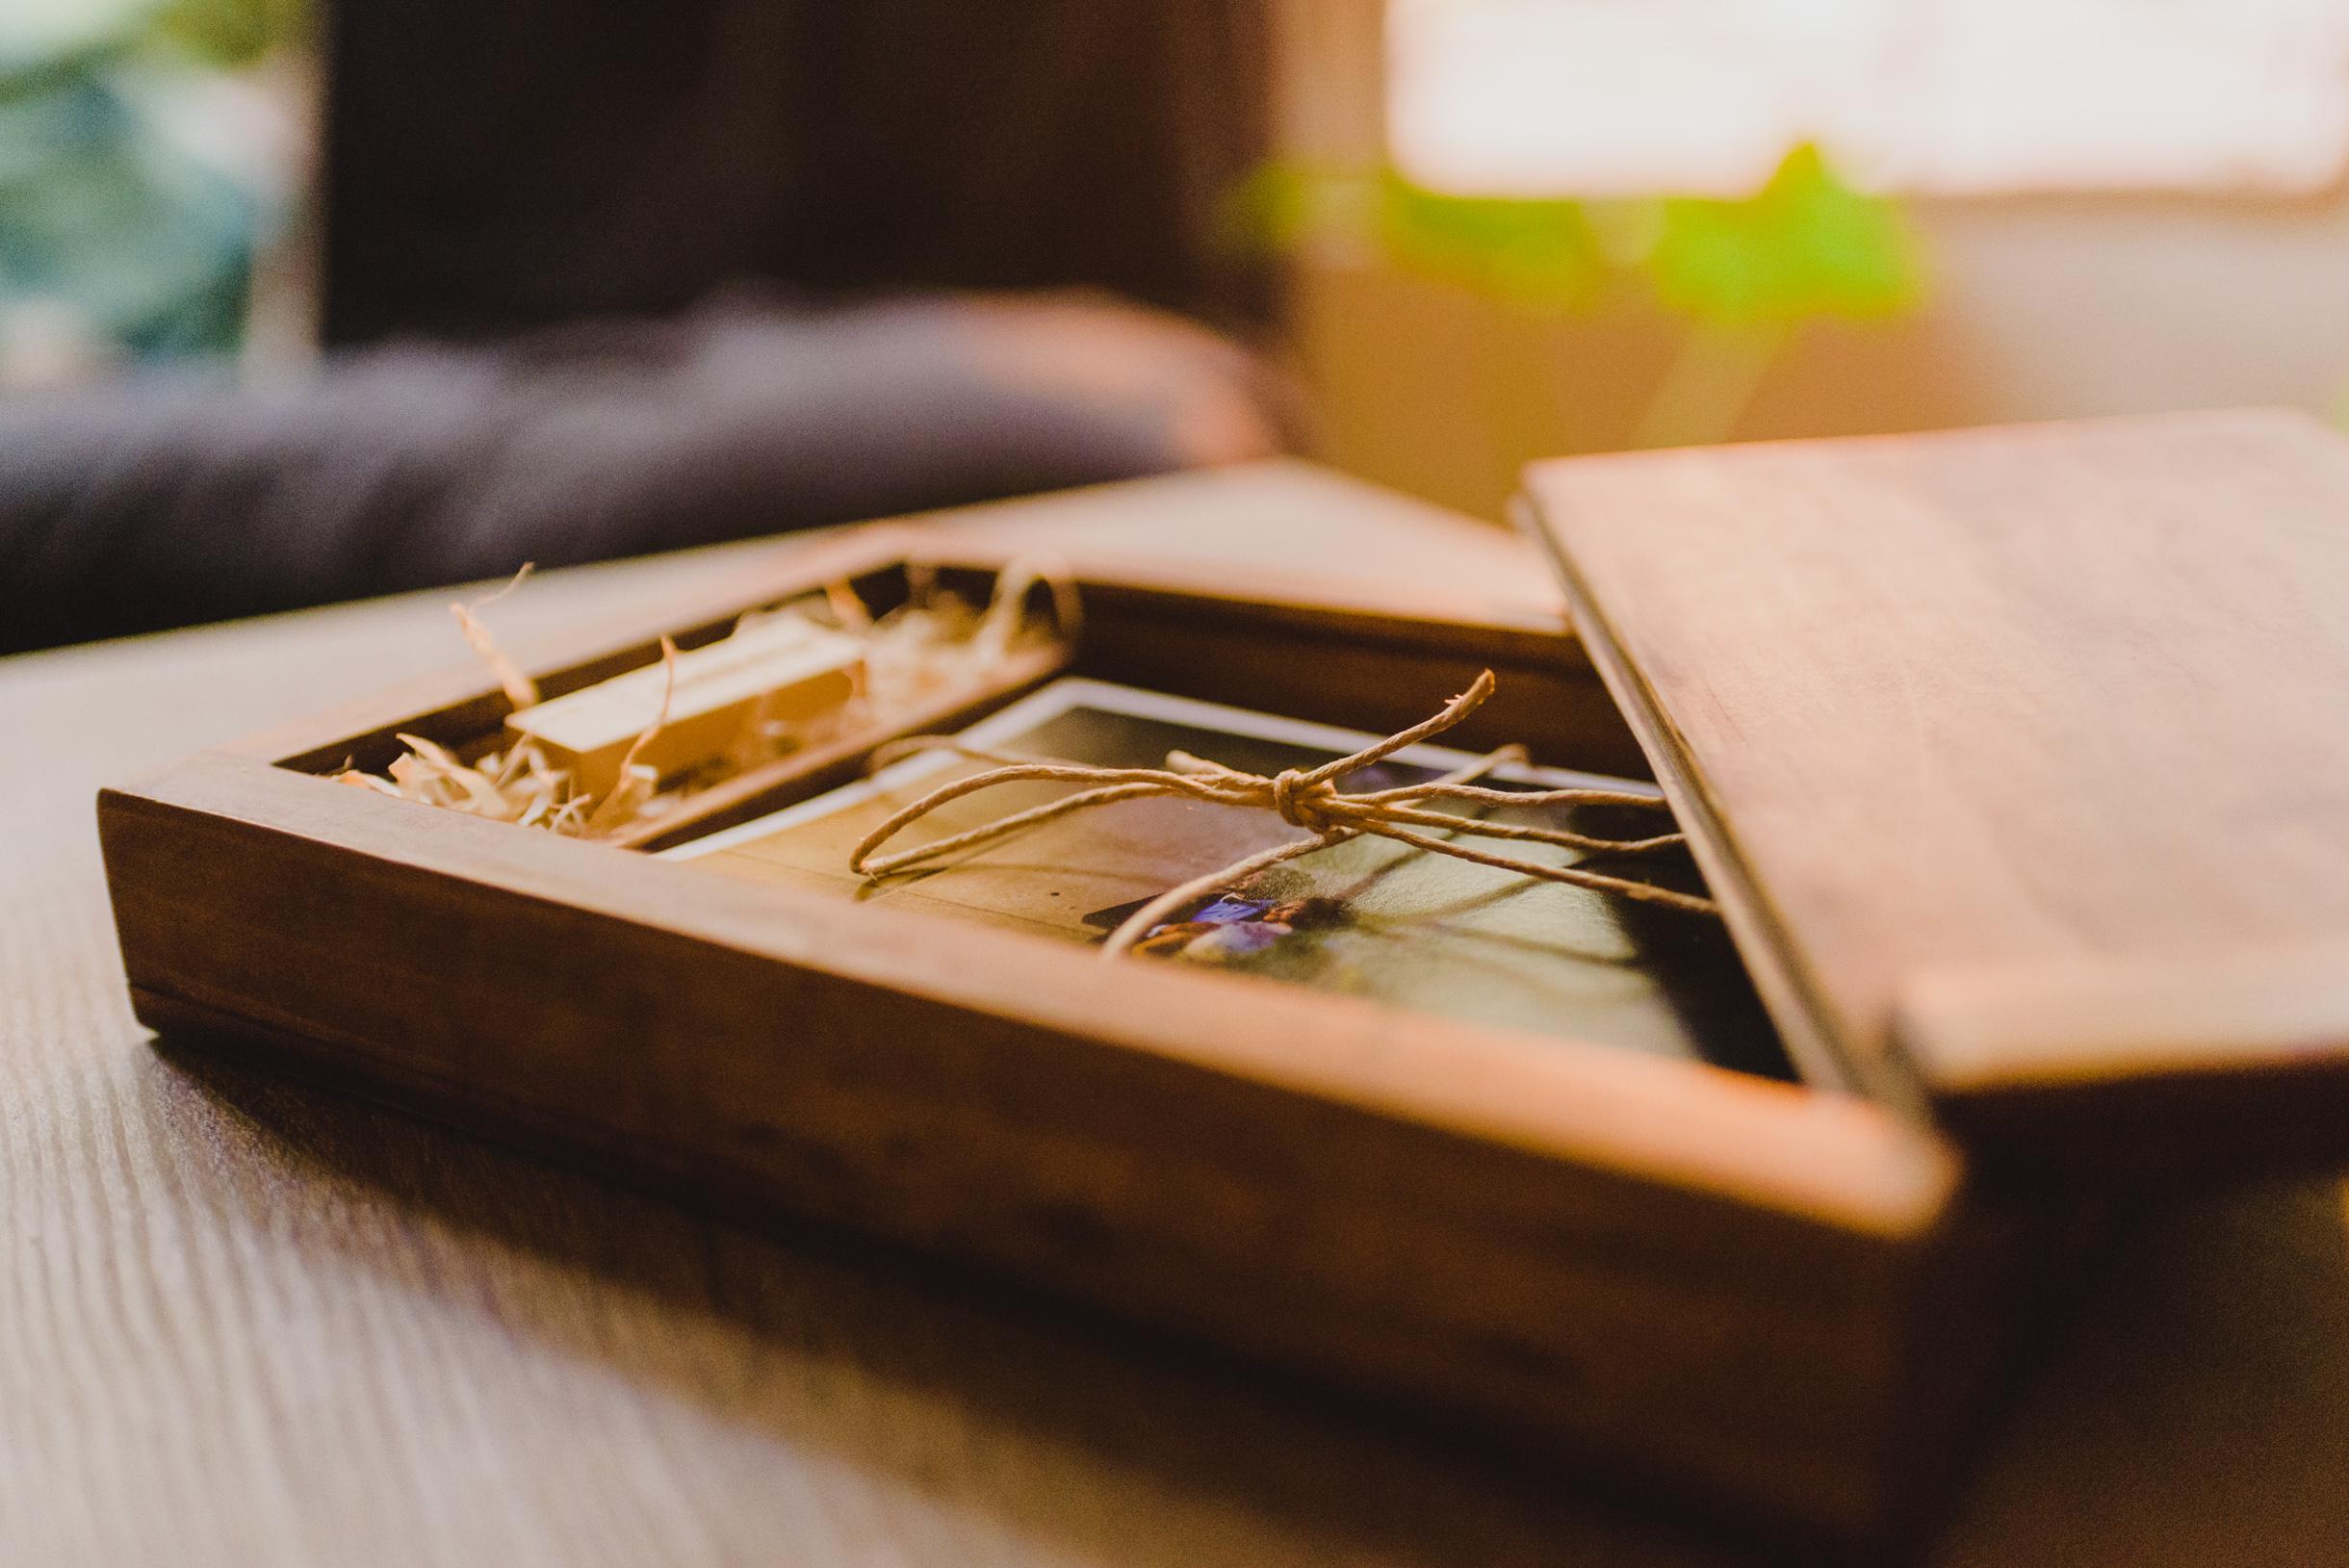 La caja del tesoro - Así es como quiero tener mis recuerdos, palpables, en papeles nobles y un cómodo USB que me permita tener mis fotografías aunque la gran nube del internet caiga. Cada fotografía impresa, es un ícono visual a un momento del matri, con ellas, podrás revivir ese día en un par de pasos. Esta caja, está hecha de lenga, raulí o la madera interesante que tenga mi carpintero amigo con la intención de almacenar tu tesoro por años y años.